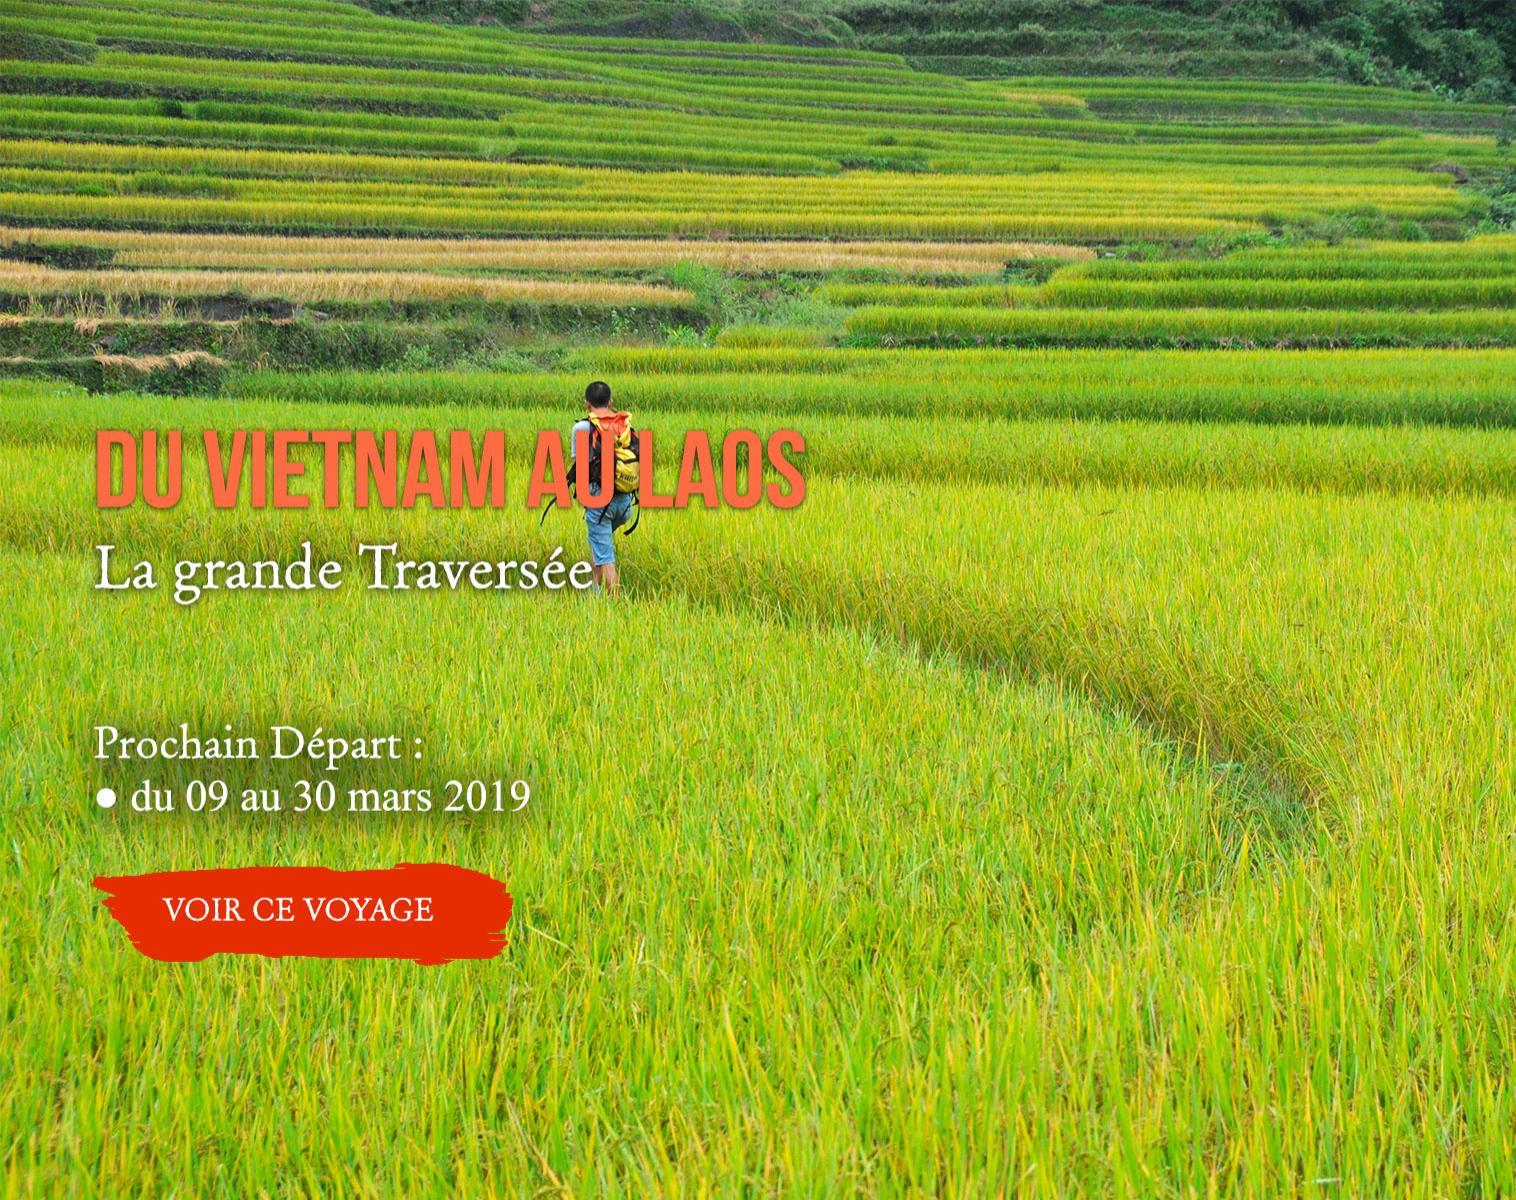 Vitenam Laos, la grande traversée